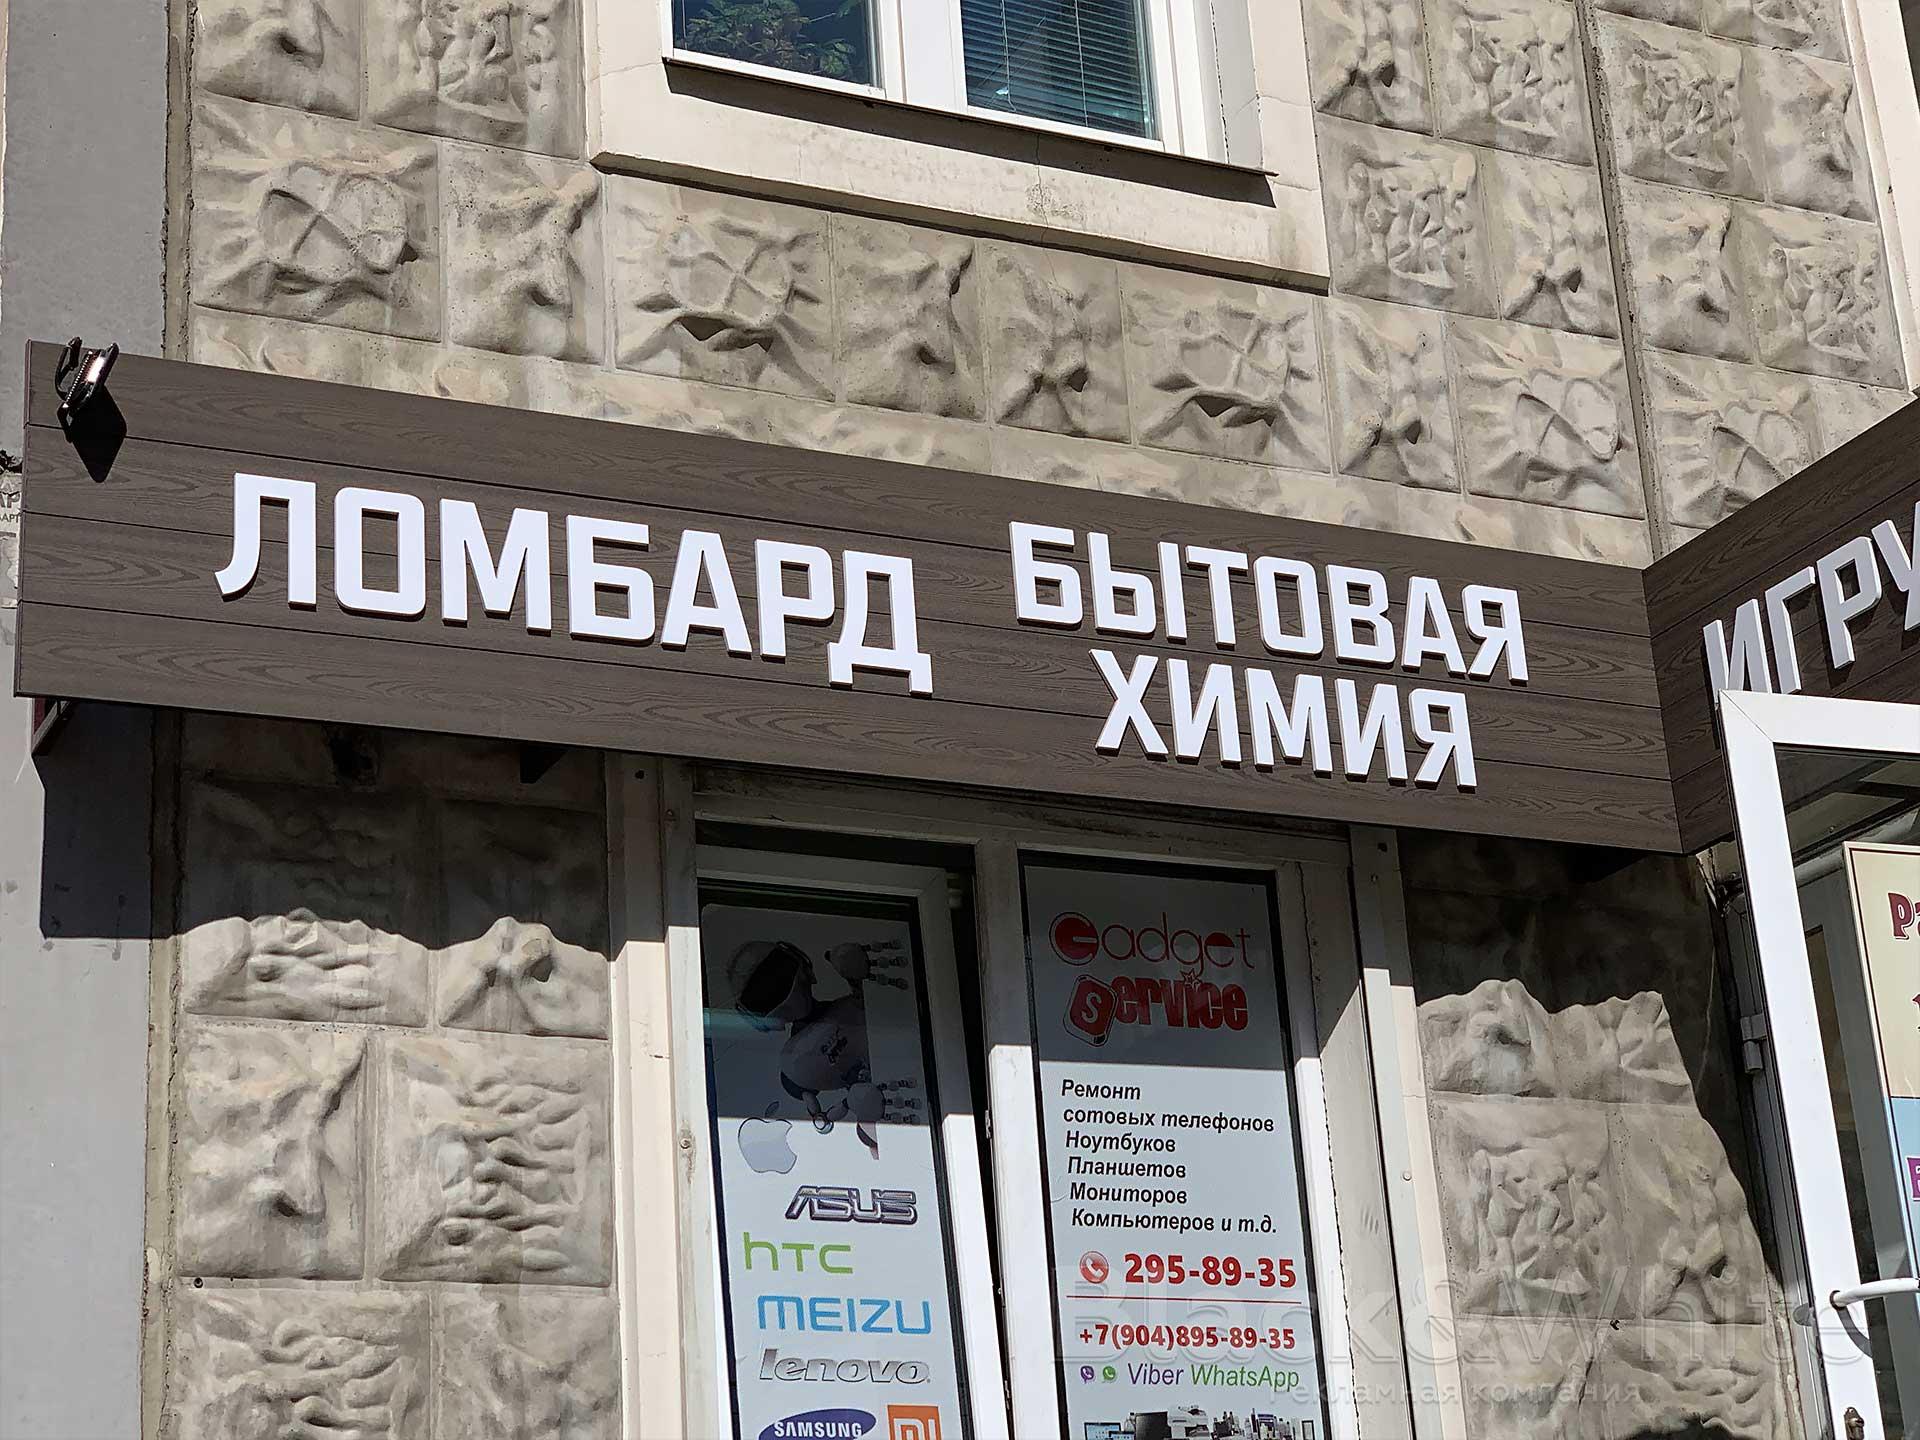 Высеска-из-дерава-с-псевдообъёмными-плоские-буквыми-из-пвх-ихготовление-в-Красноярске-bw--.jpg